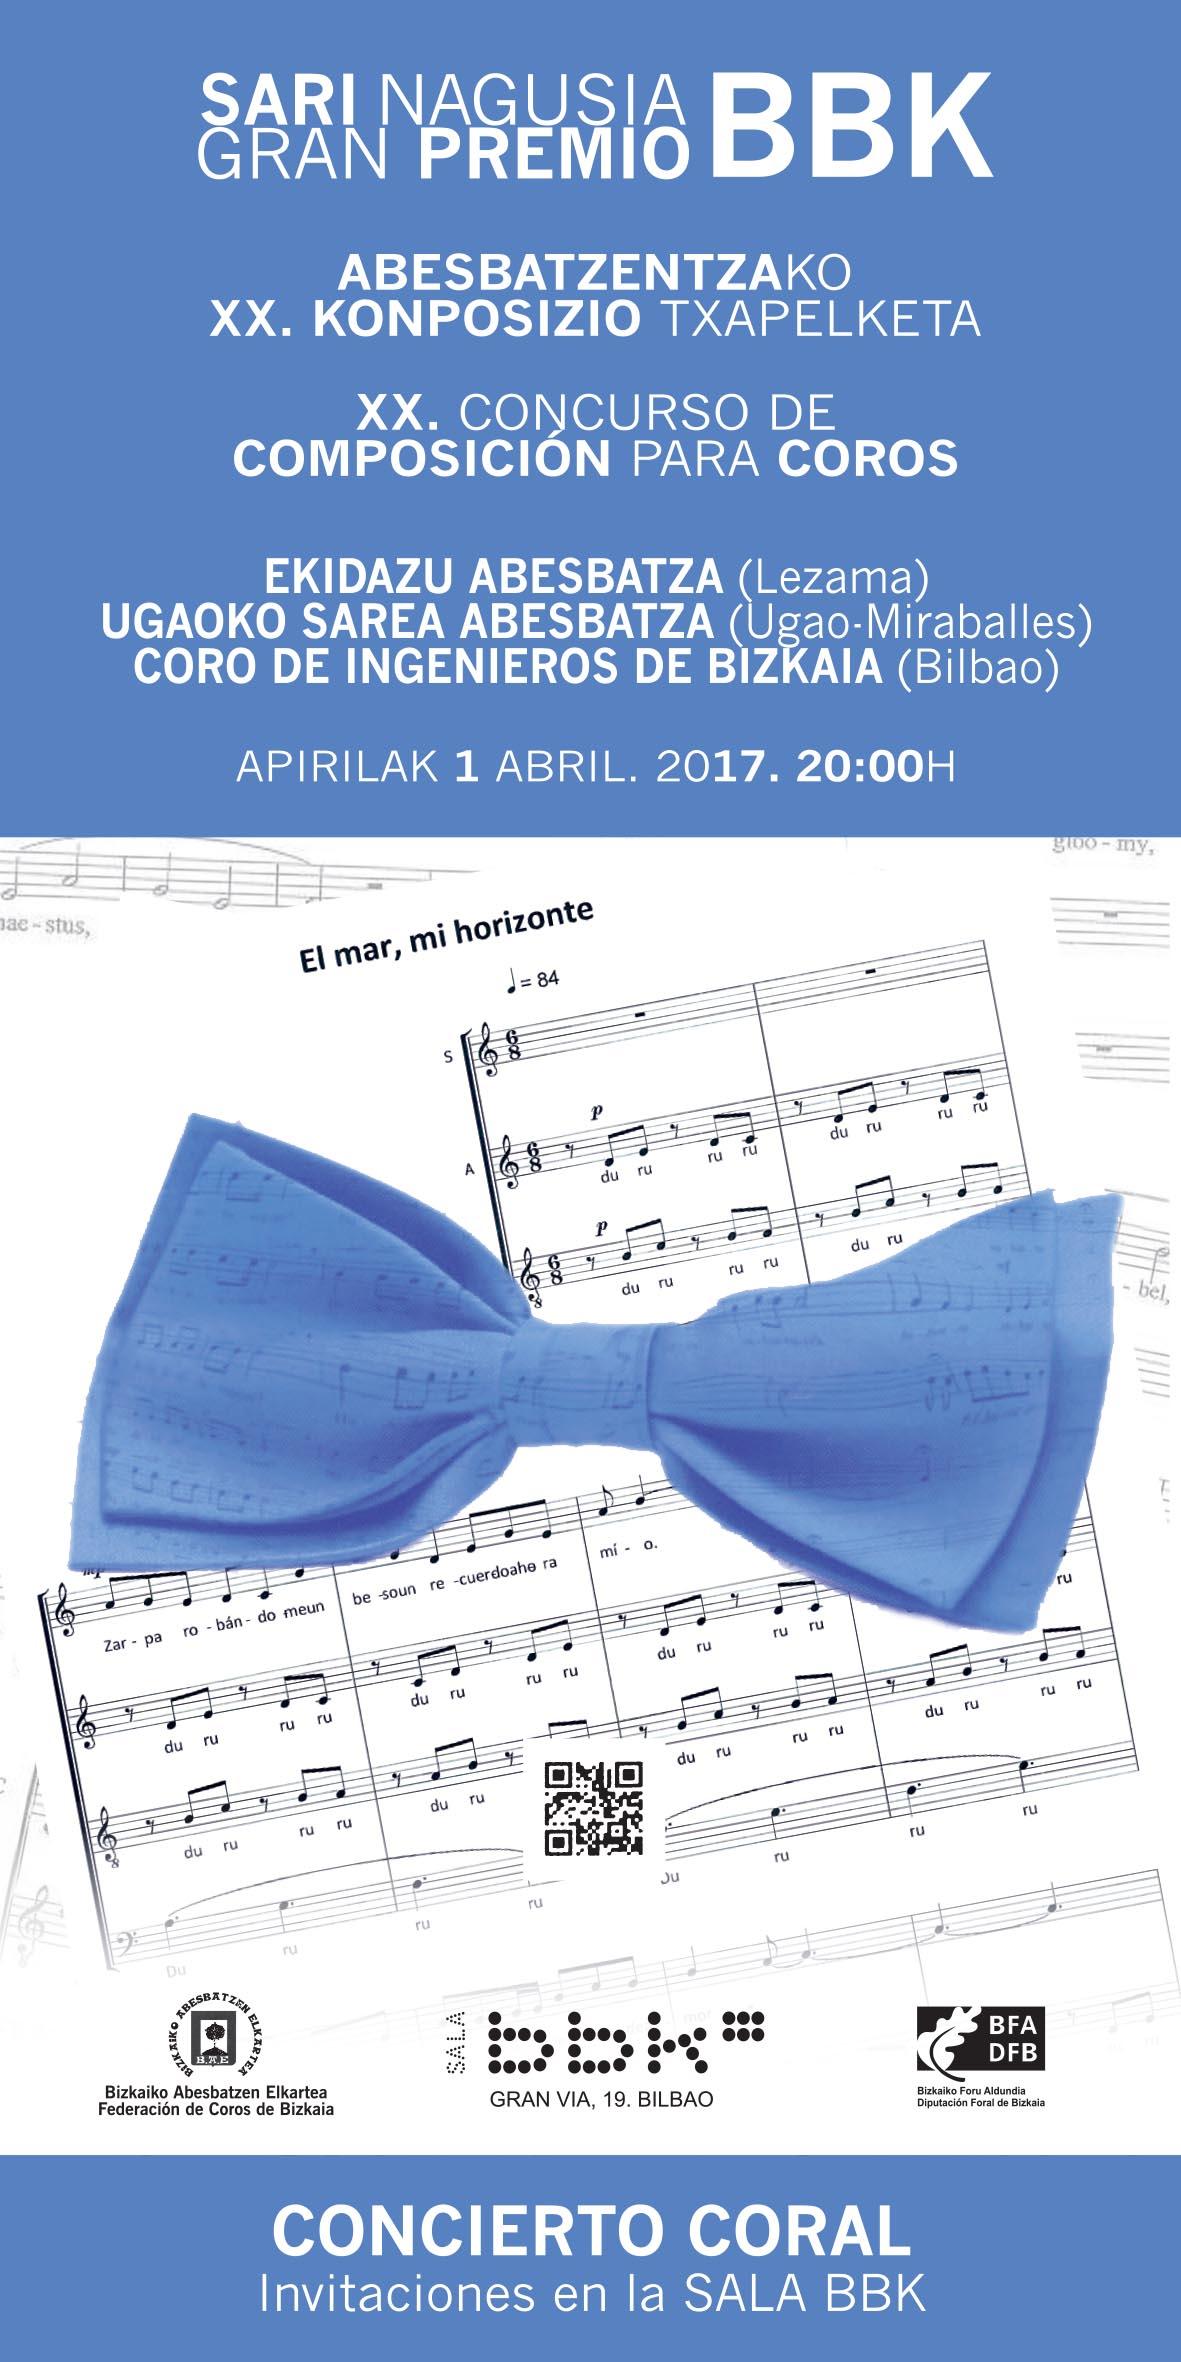 BBK - GRAN PREMIO BBK Composicion para coros 2017.cdr